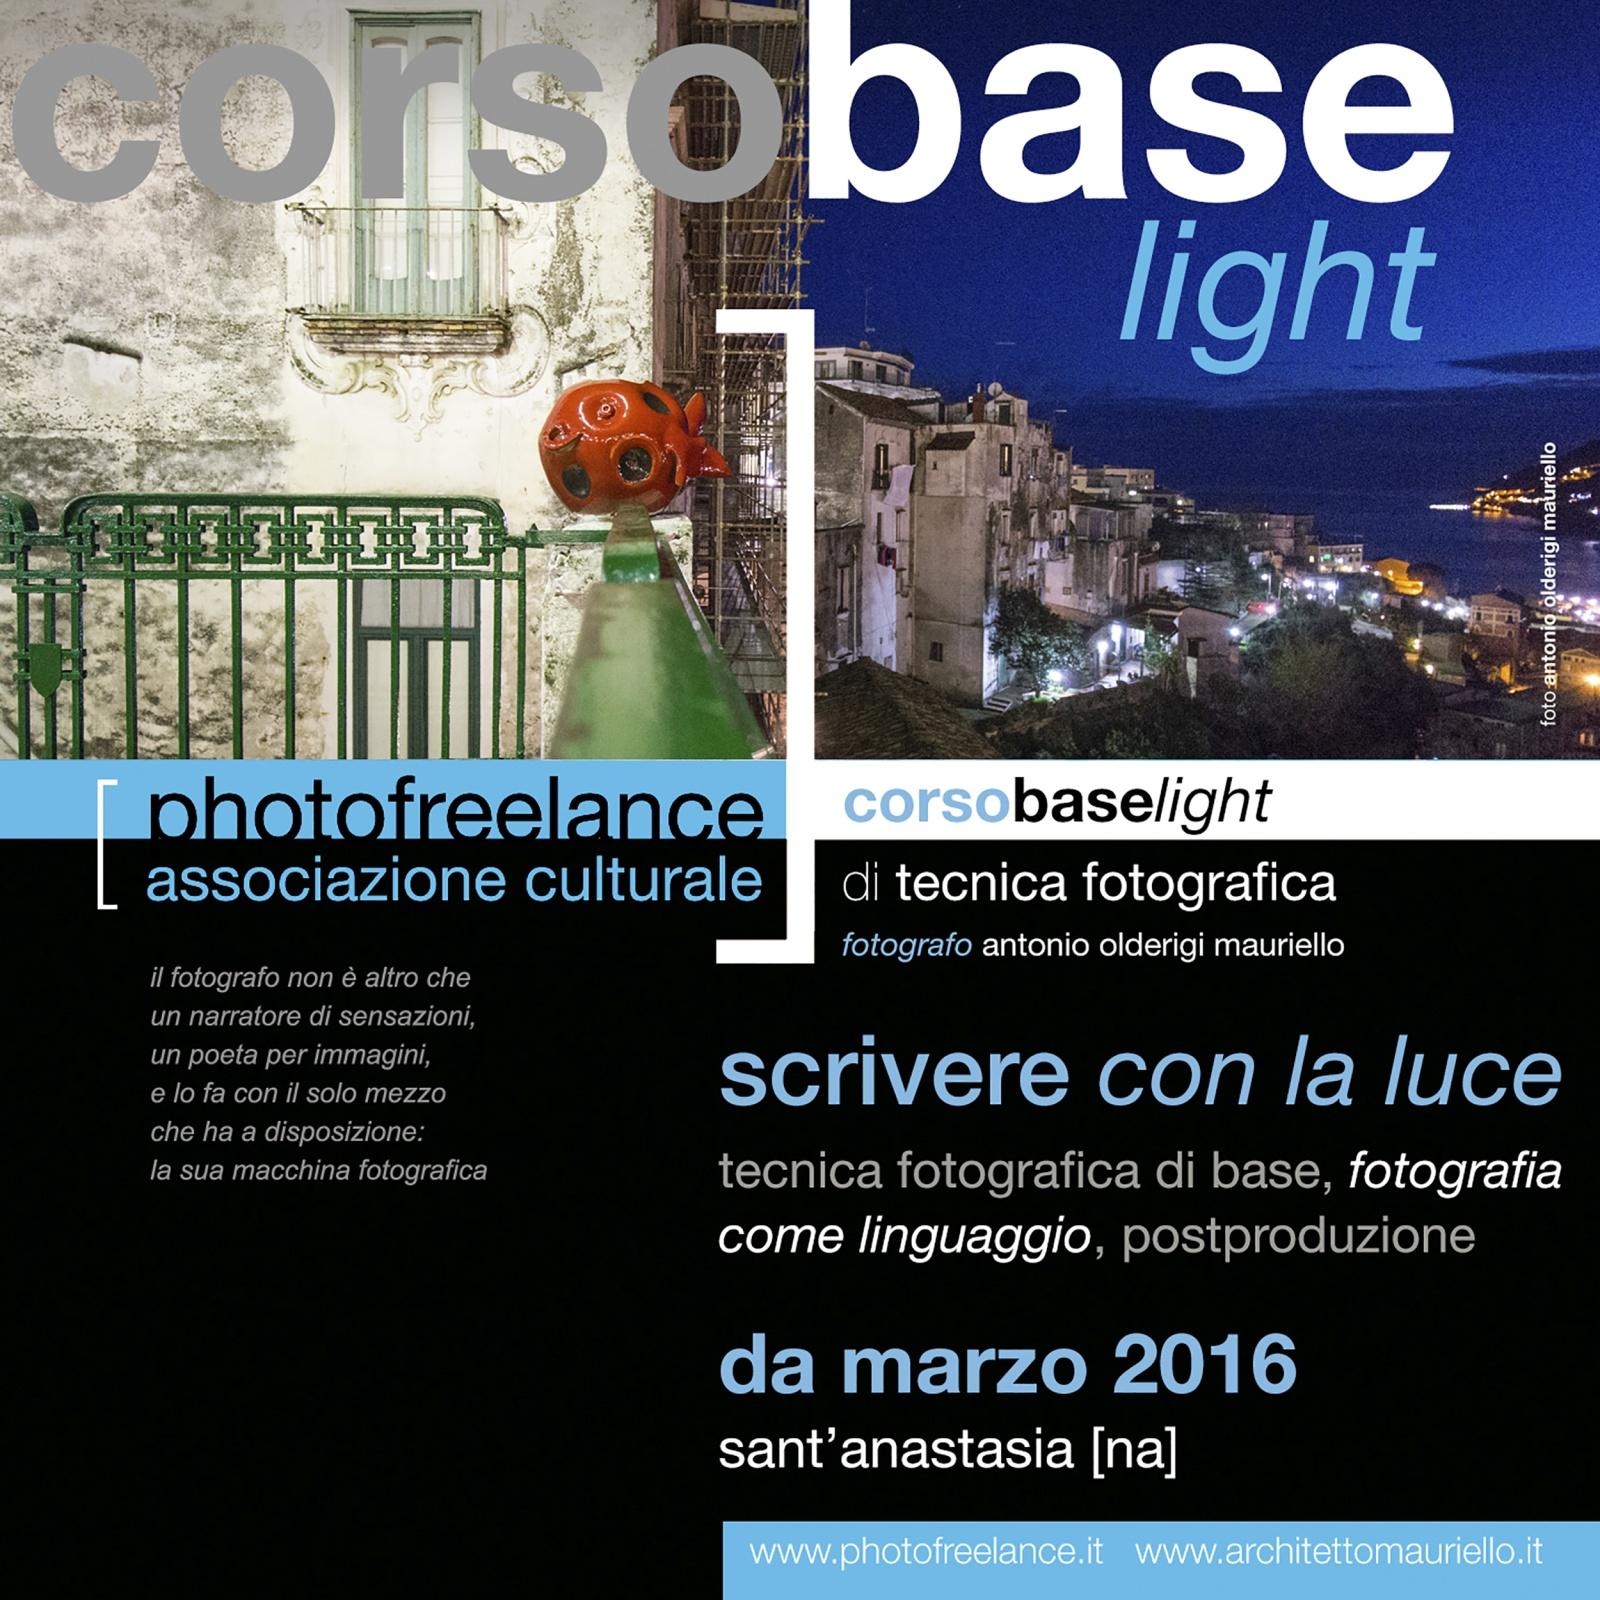 scrivere con la luce light | 2016